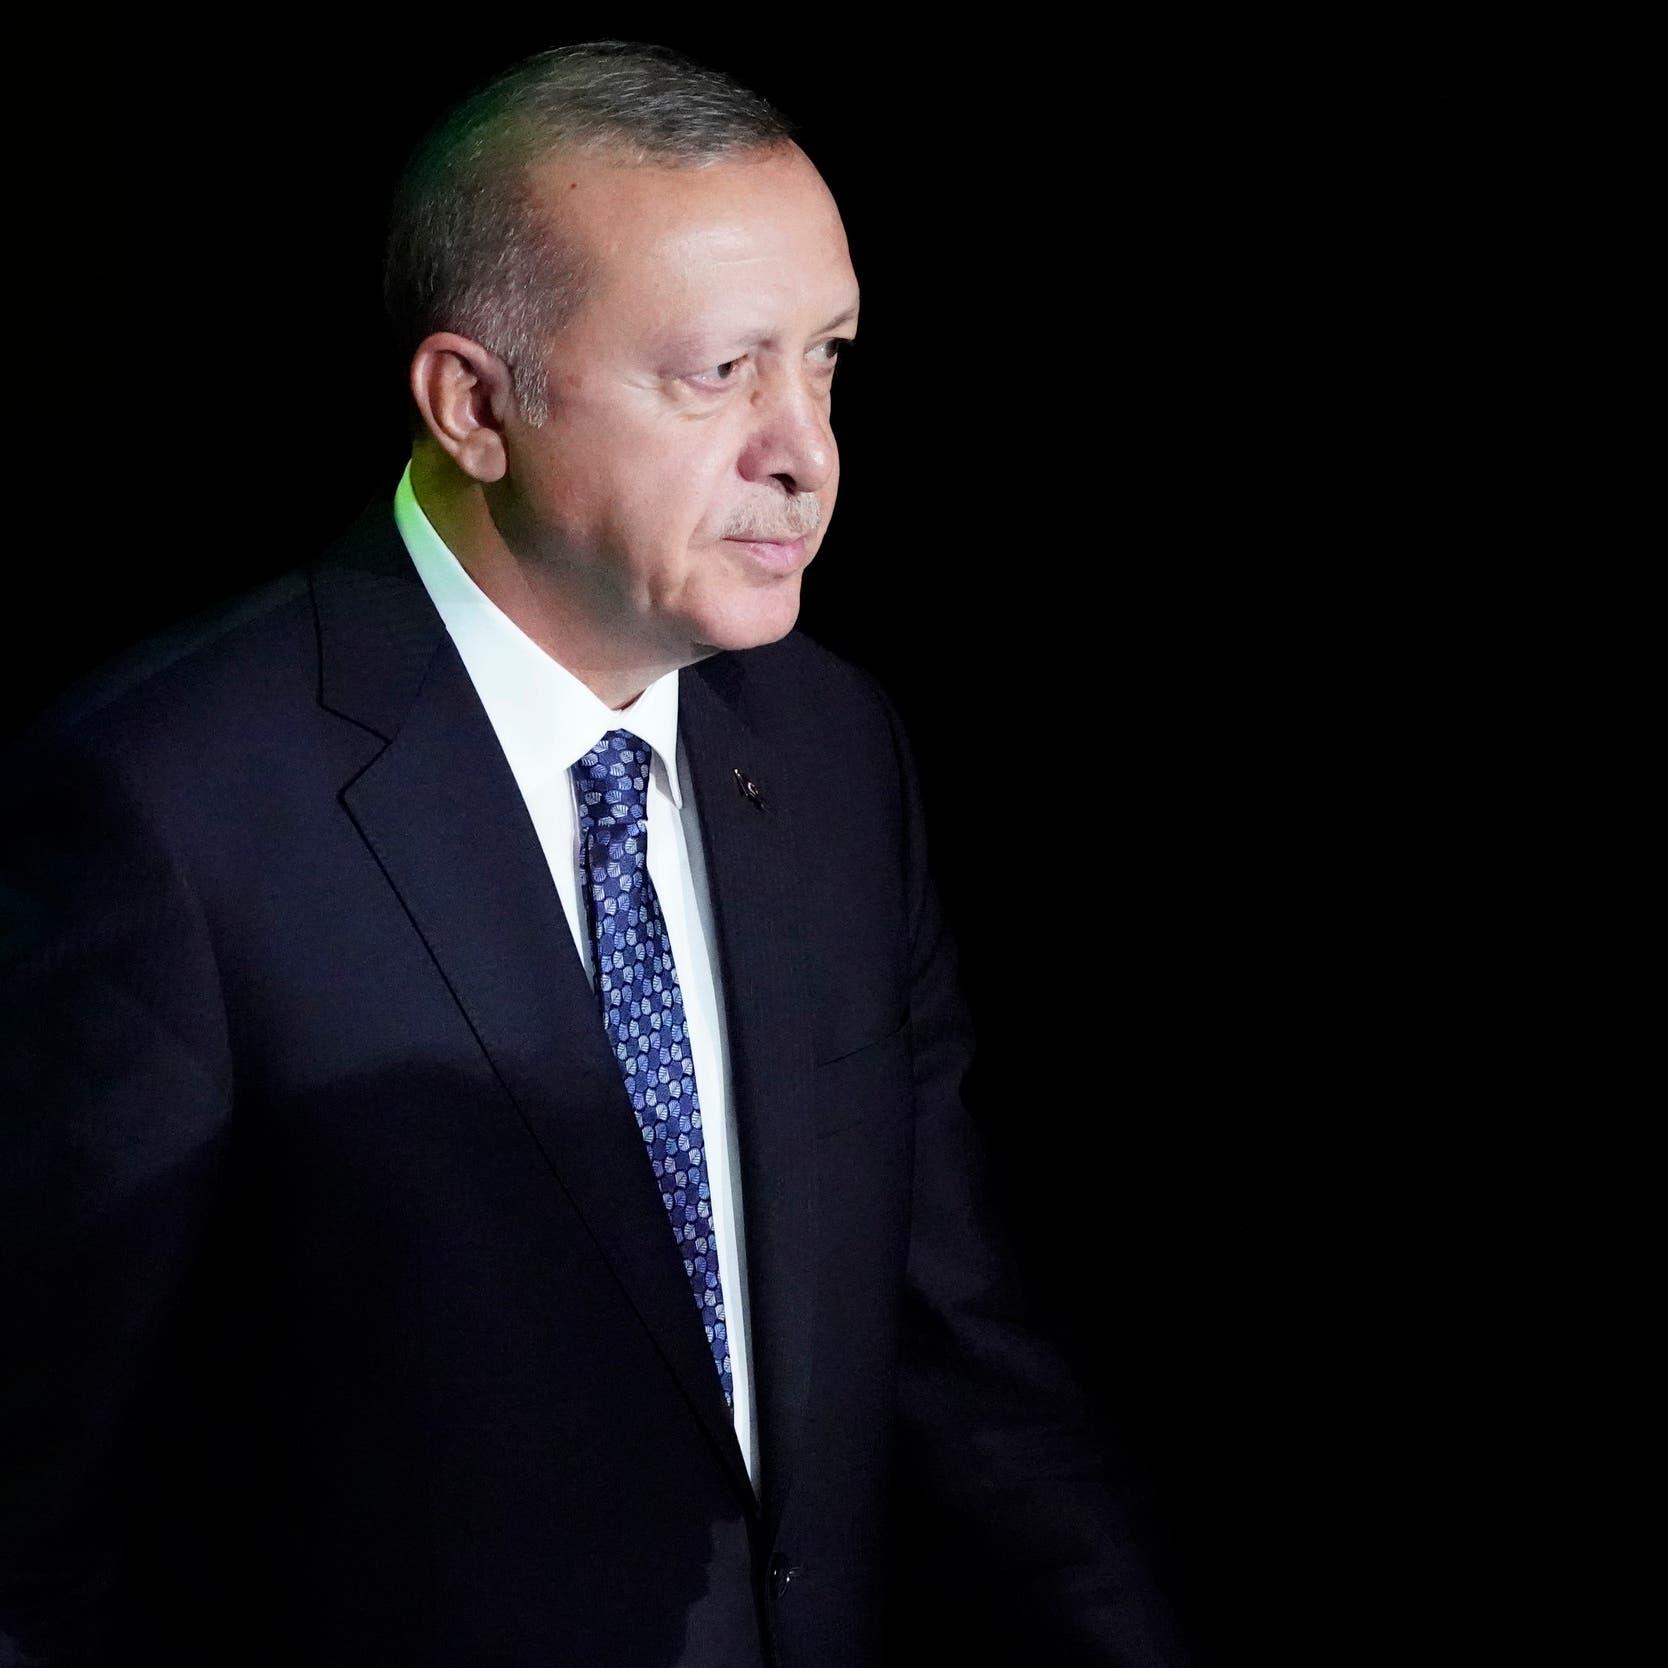 النواب الأميركي يطالب بحساب مفصل عن دخل أردوغان